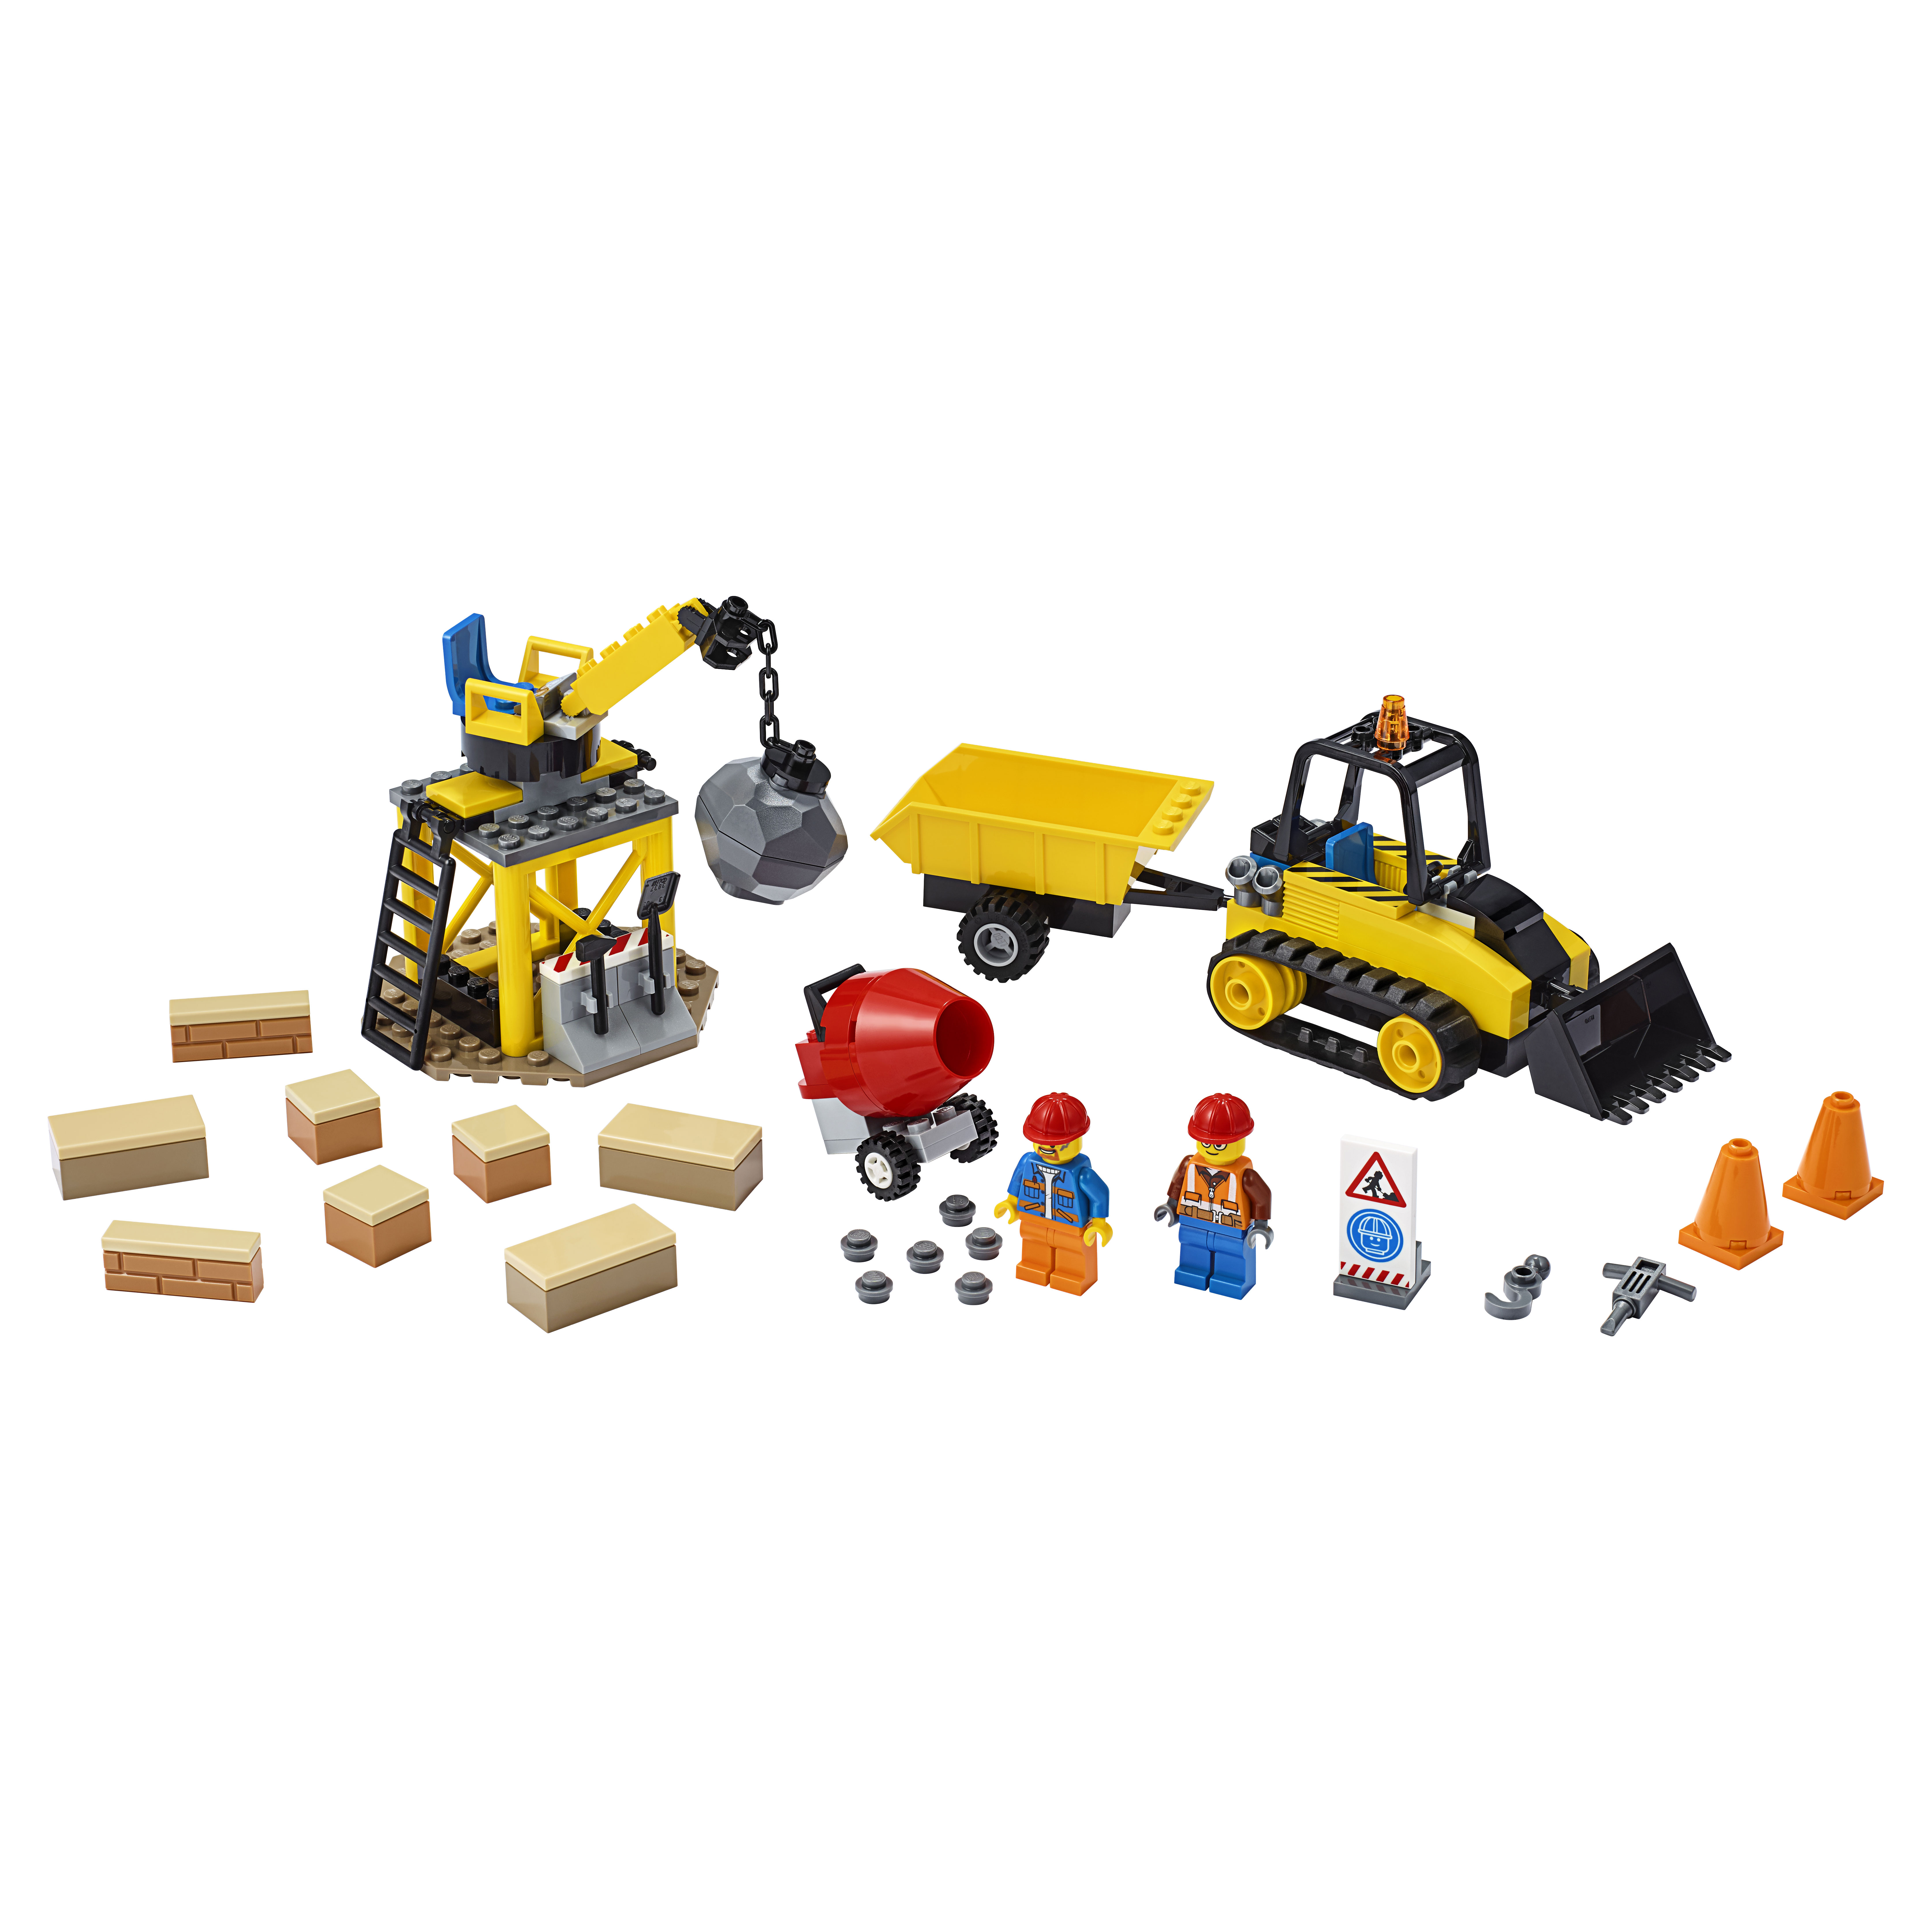 Конструктор LEGO City Great Vehicles 60252 Строительный бульдозер фото